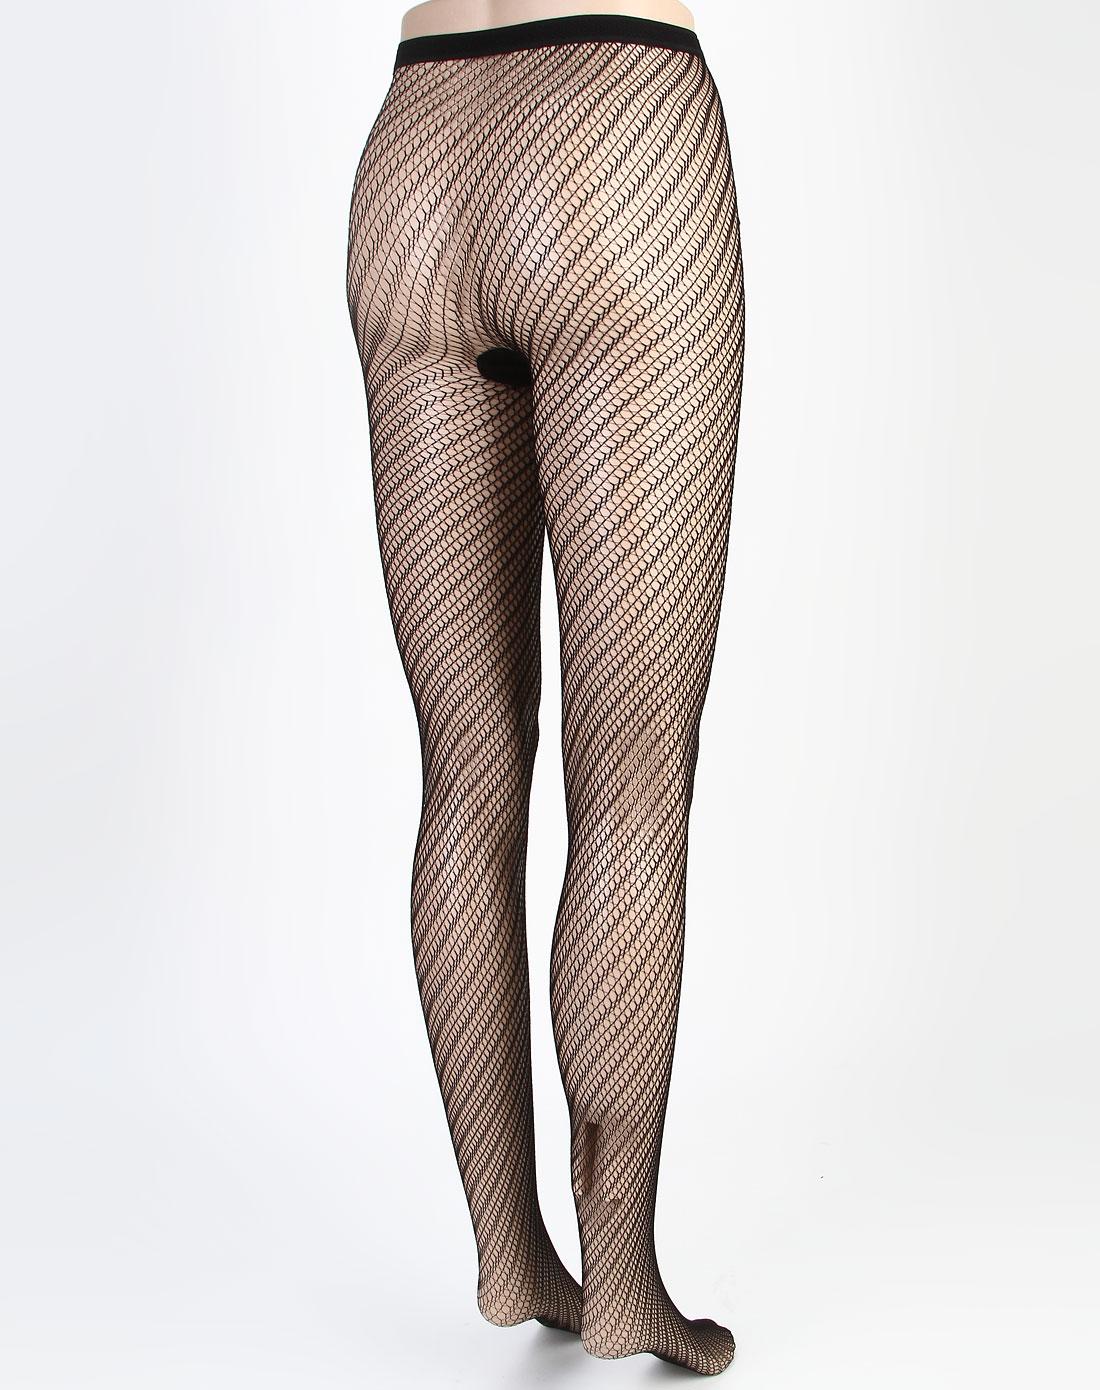 寓美女款黑色都市丽人网纹裤袜1901001